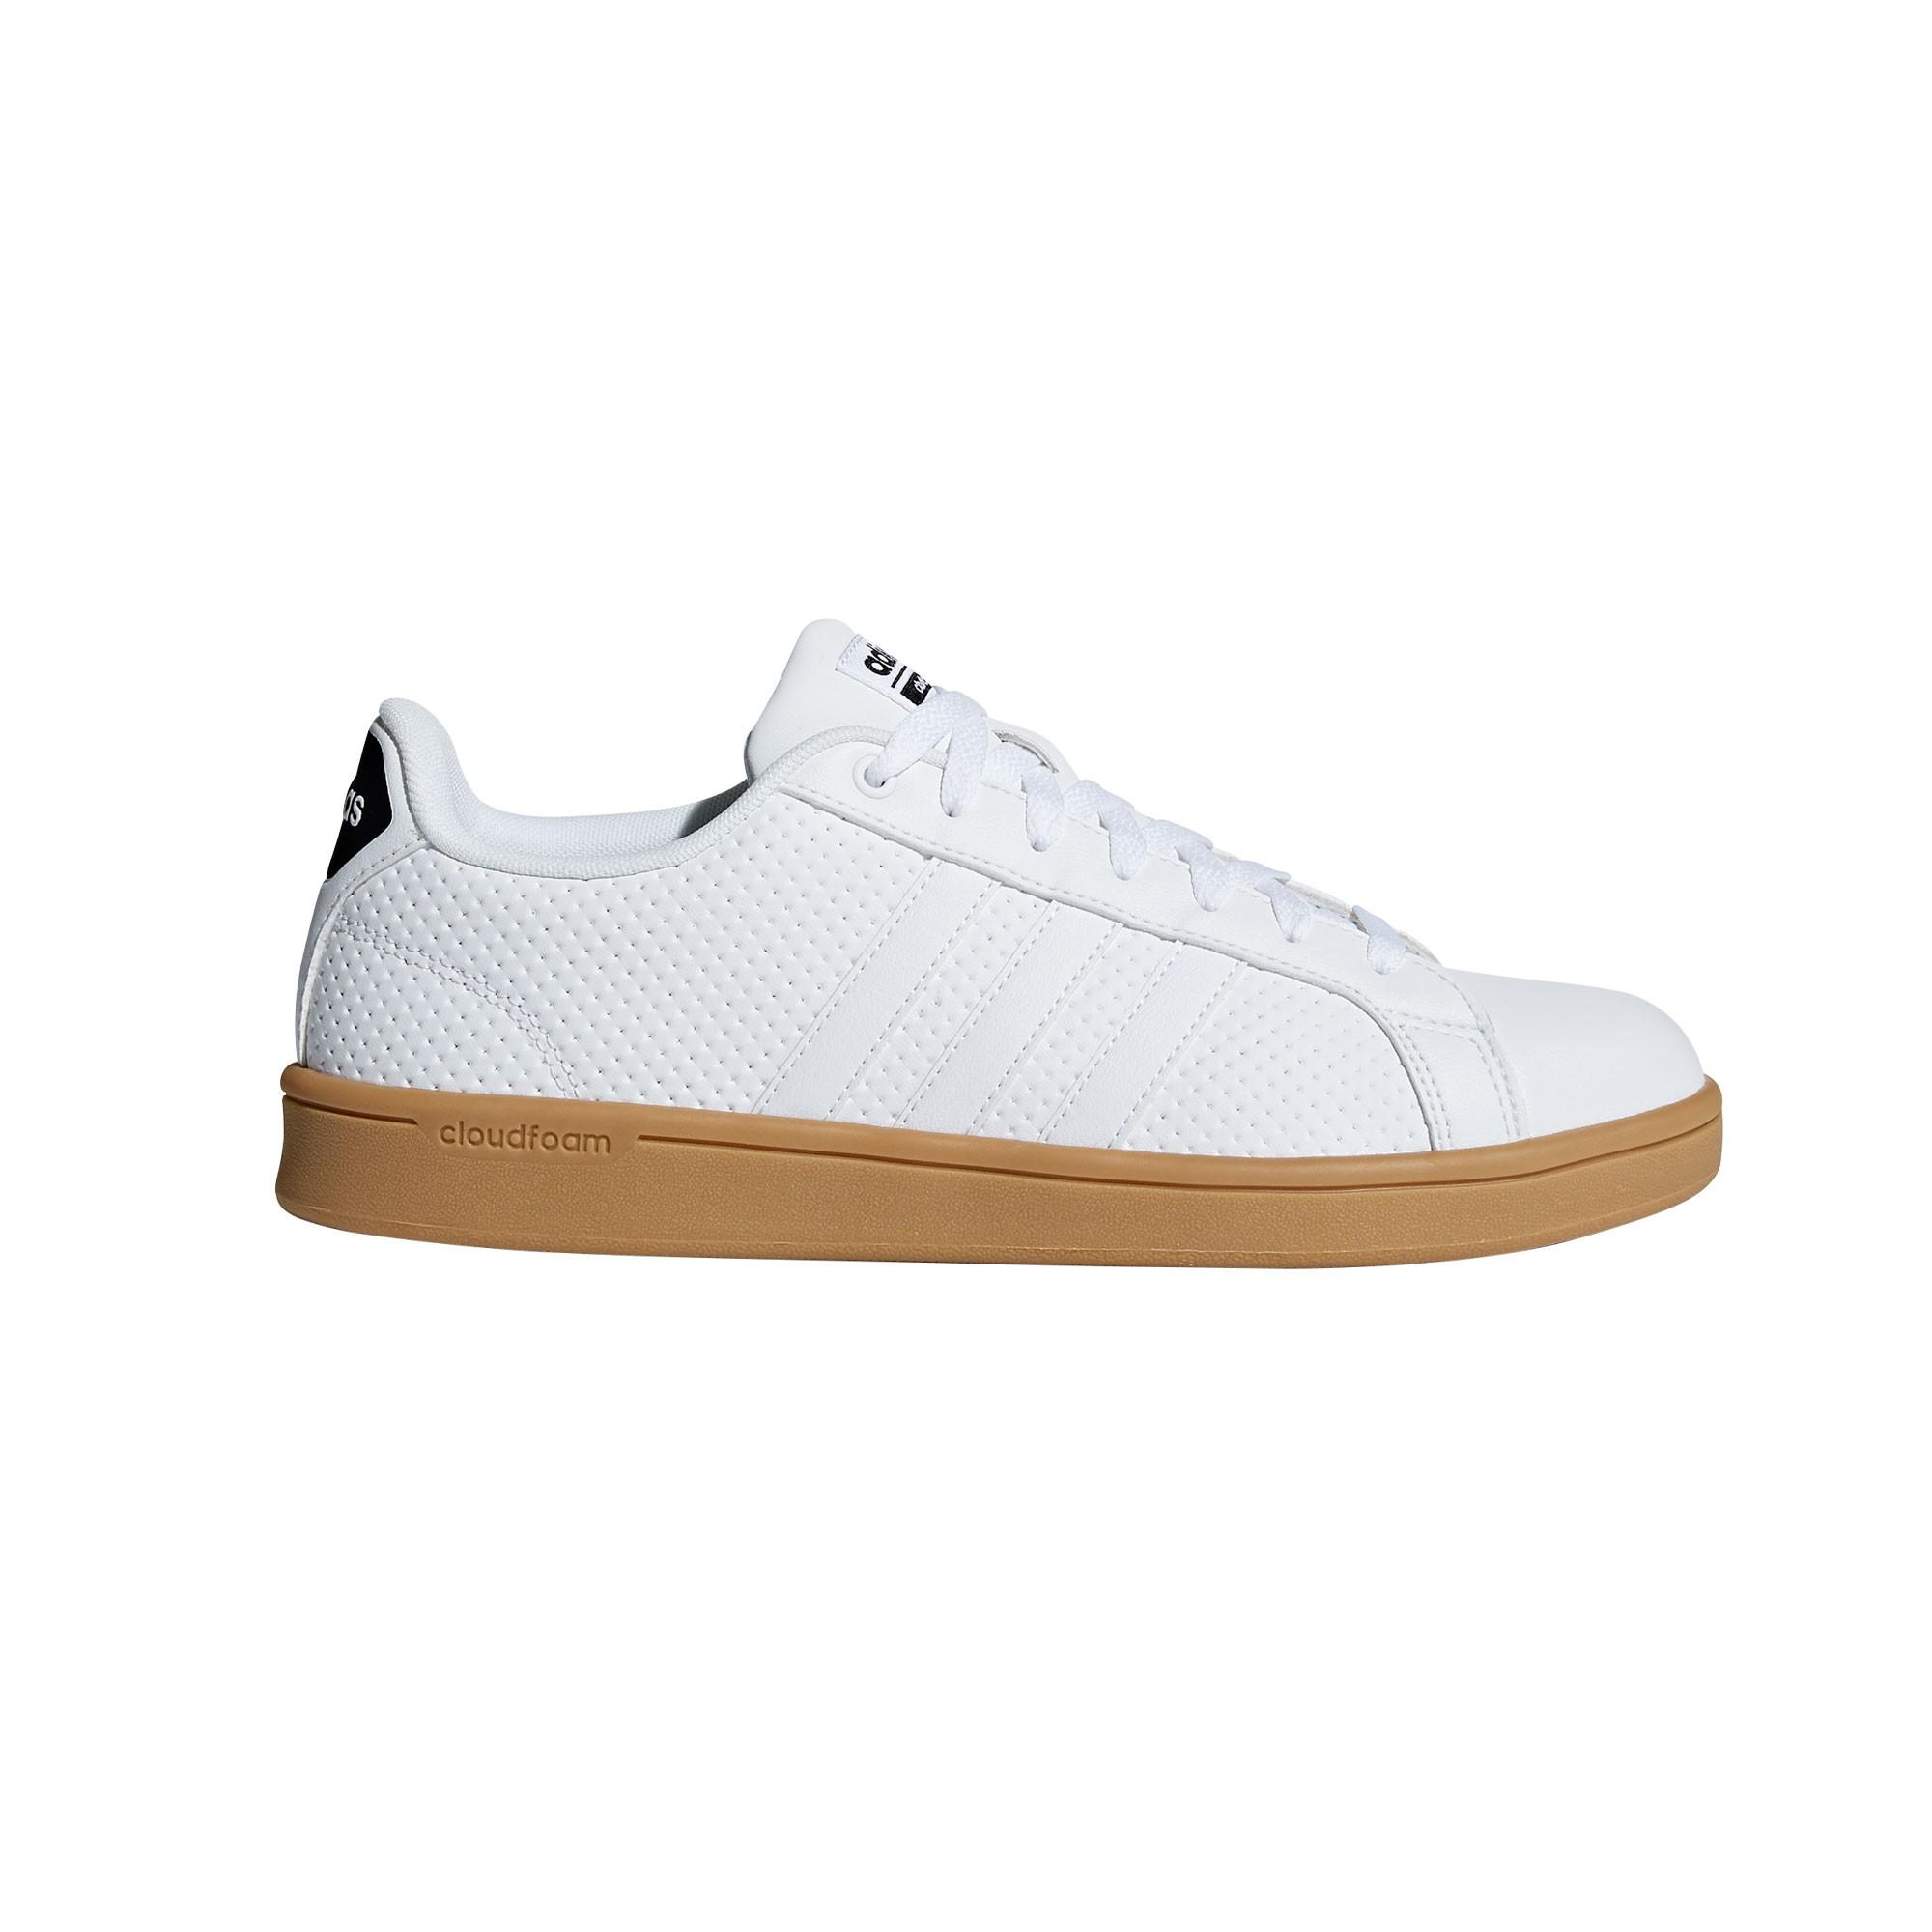 Afbeelding van Adidas Cloudfoam Advantage B43662 Vrijetijdsschoenen Heren Footwear White